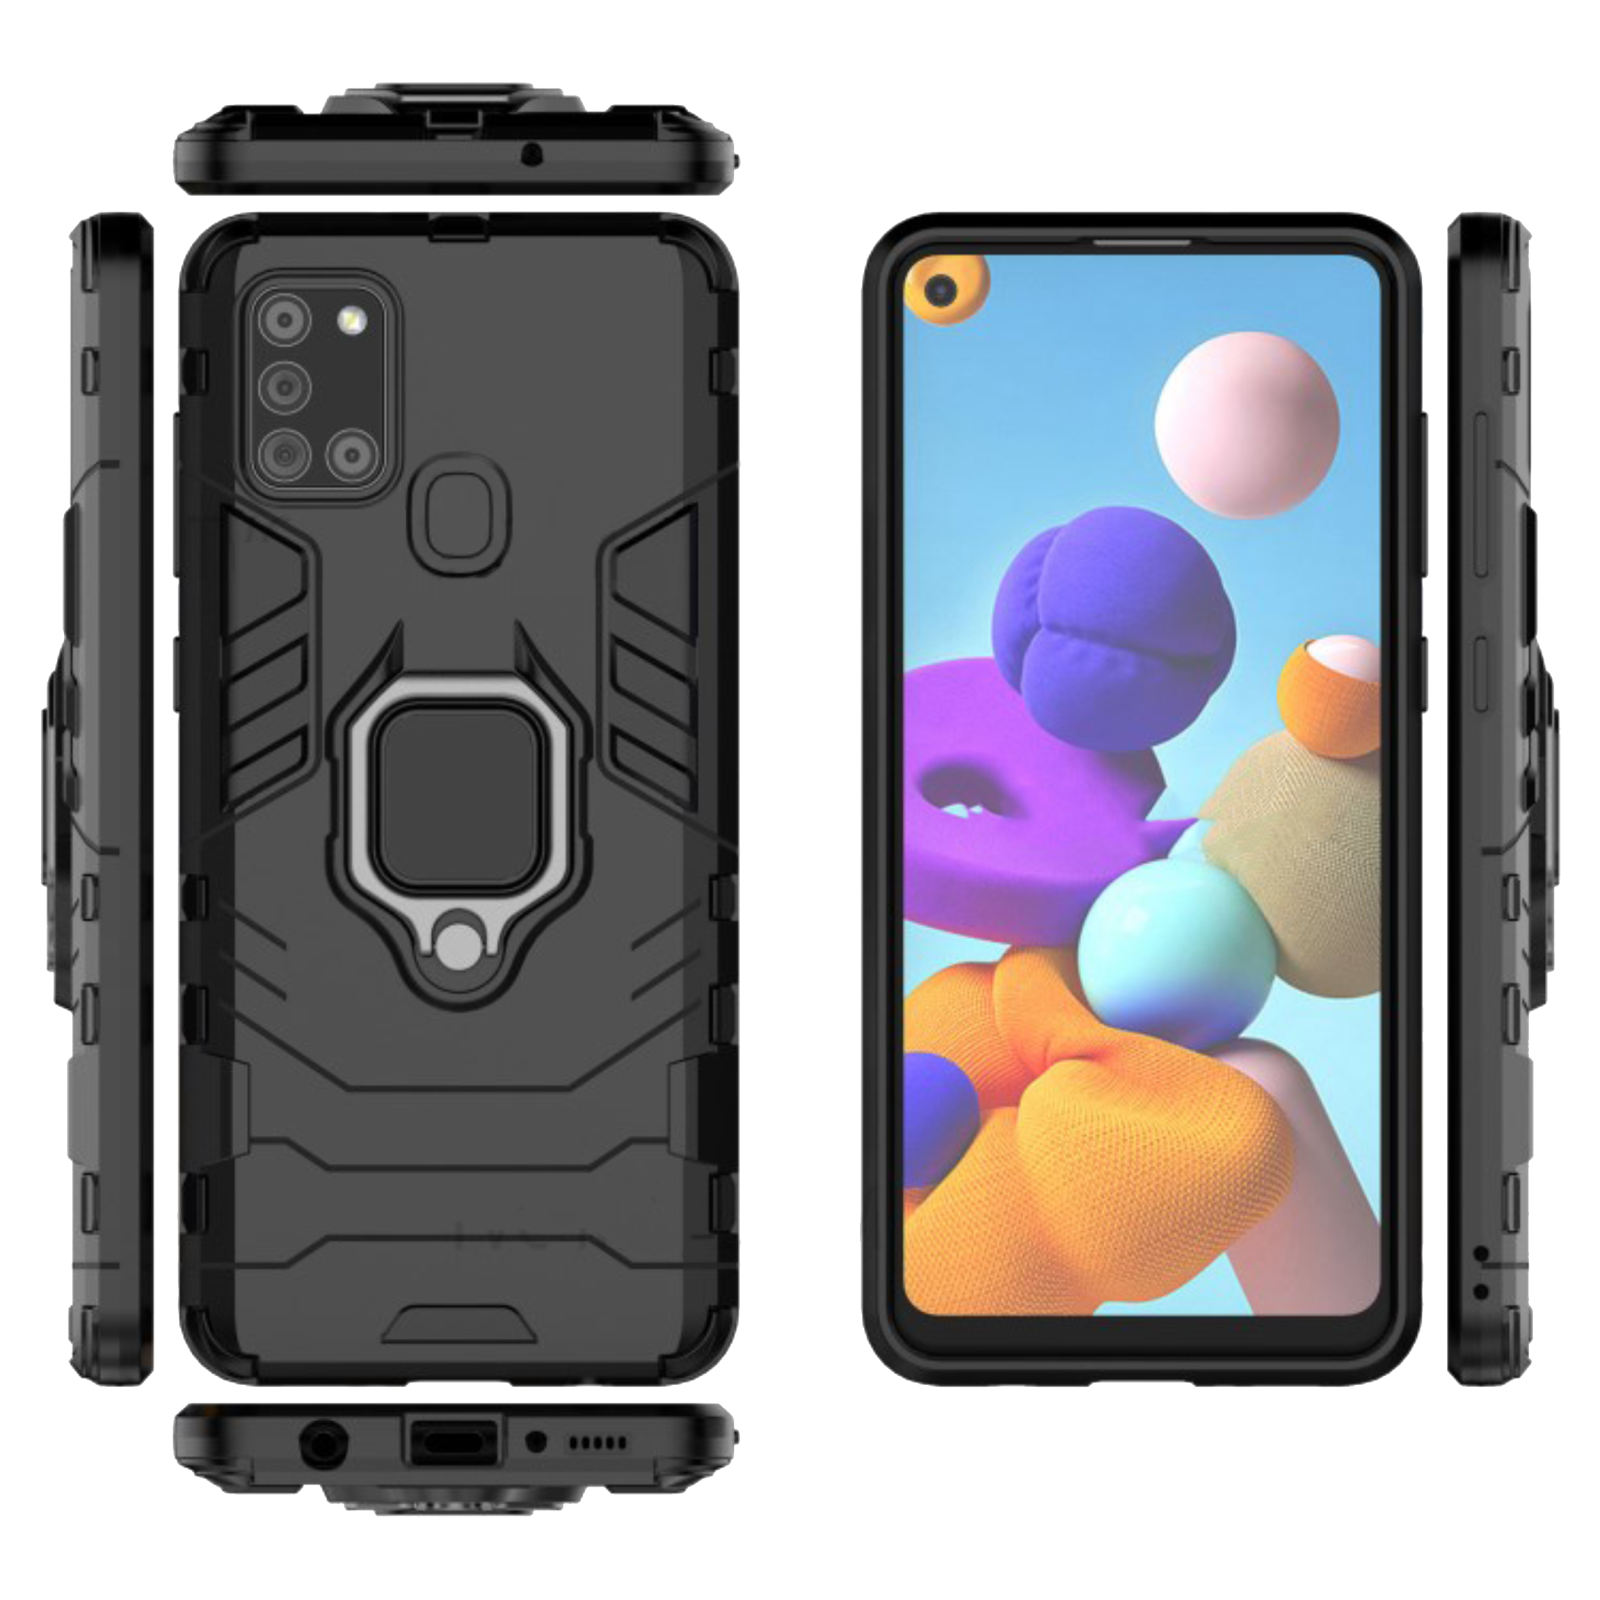 کاور مدل DEF02 مناسب برای گوشی موبایل سامسونگ Galaxy A21s